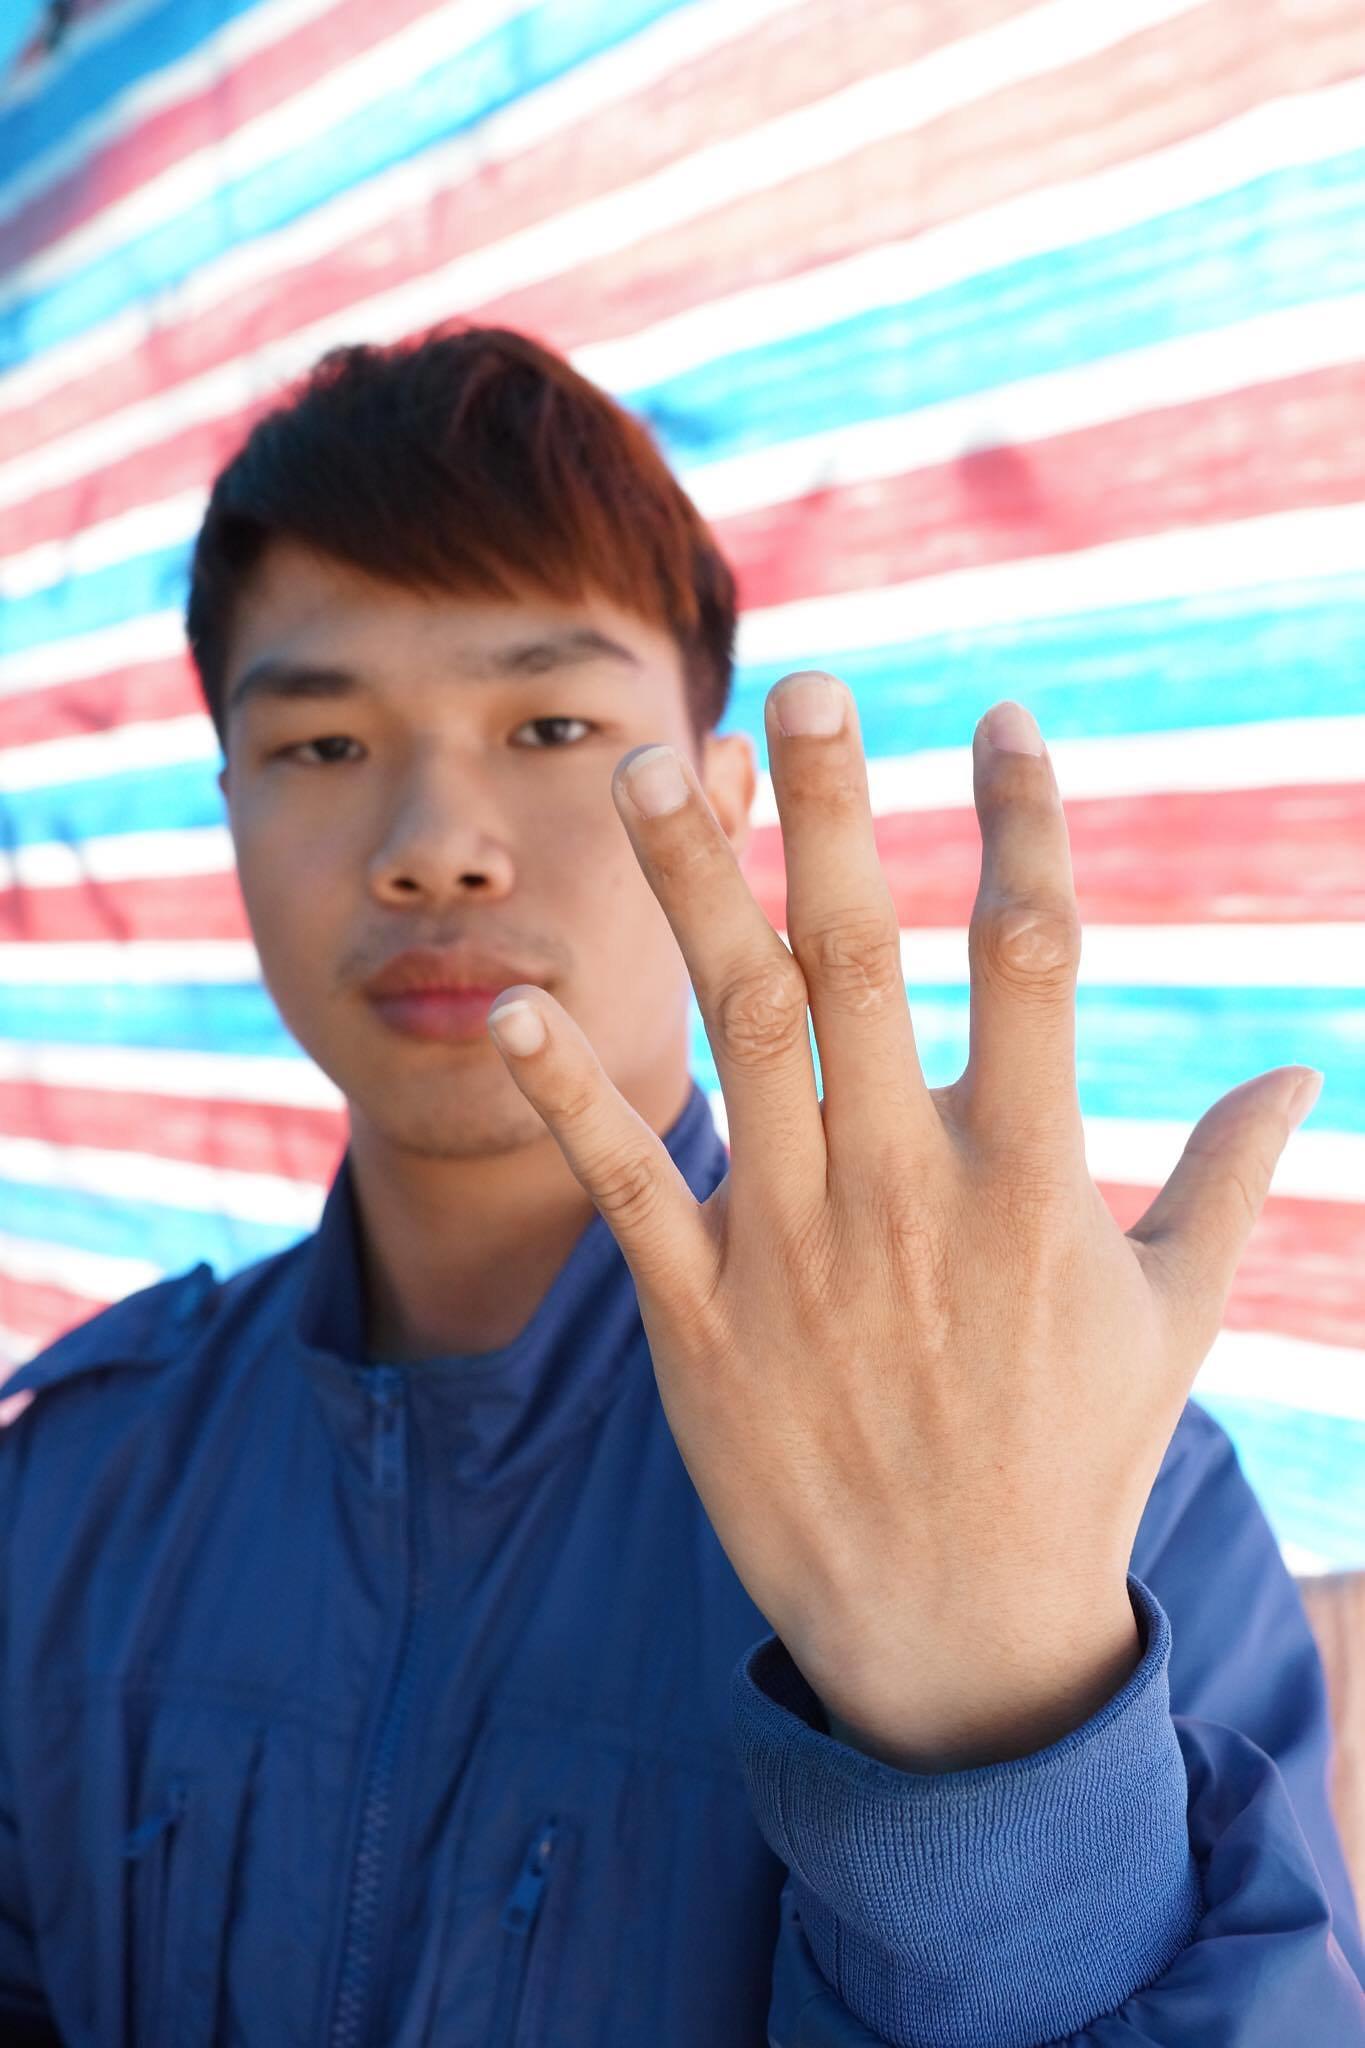 2014年3月,郭佳勳在維修車台時,廠房並沒有掛起維修牌,導致其他同仁誤觸啟動車台,郭佳勳說,「公司SOP有問題,我的手整個捲進去,骨折、筋也斷掉,縫了20多針。雖然休息一年多,到現在也不能彎曲,而且全都是疤痕。」(攝影:王顥中)